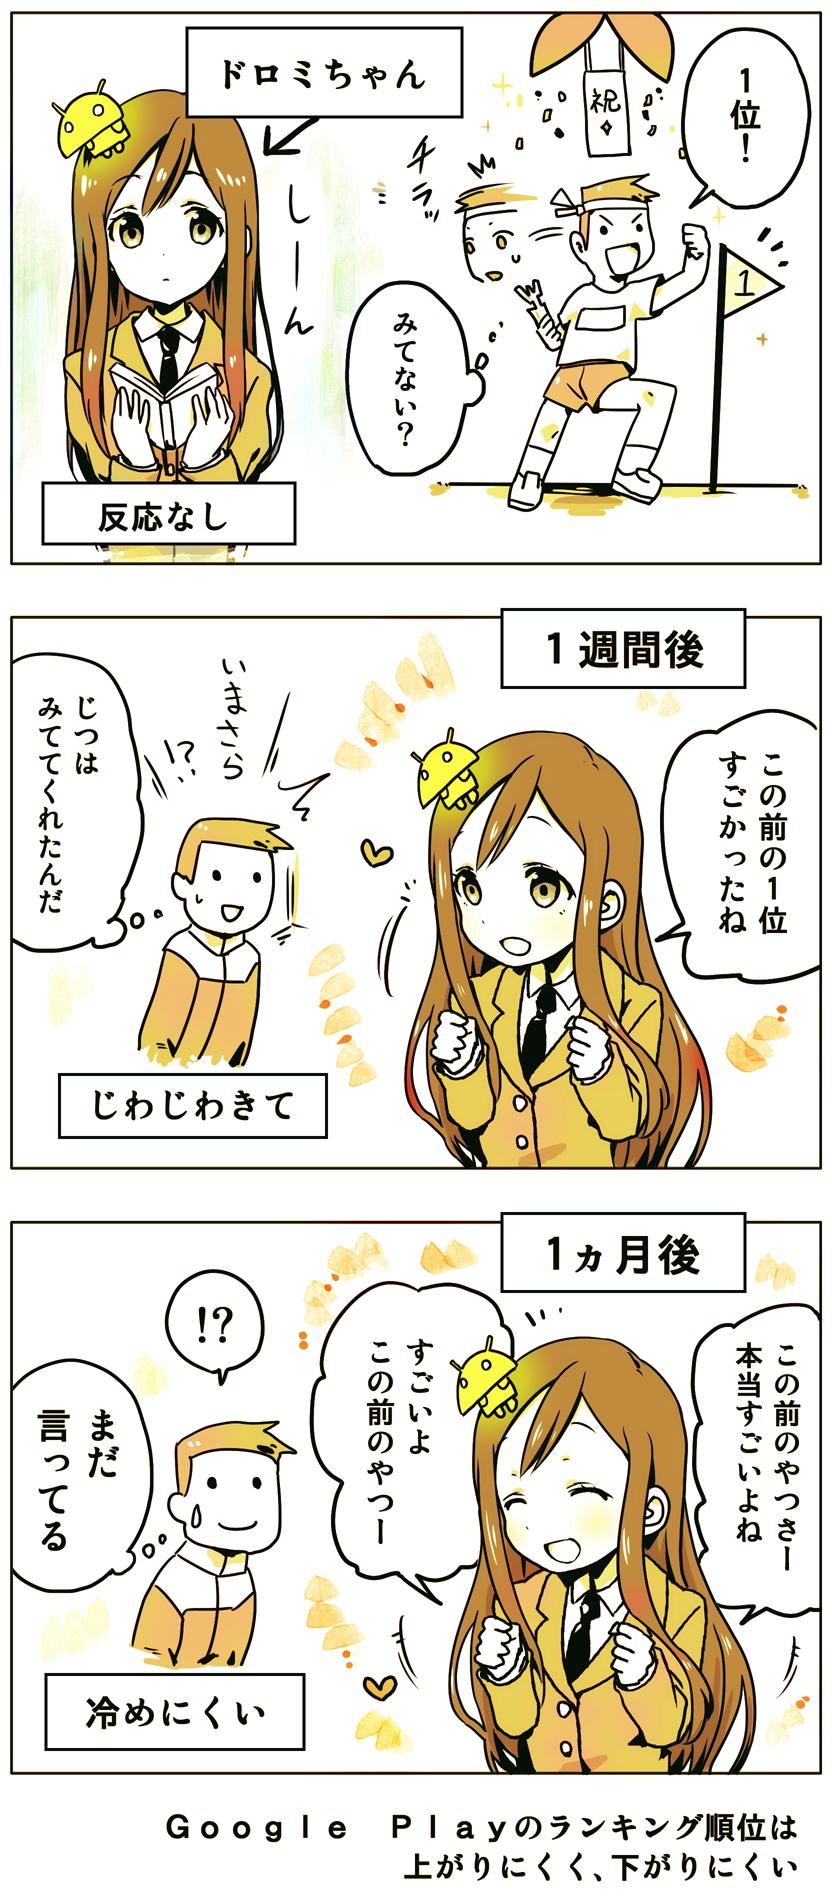 manga_googleplay_ranking